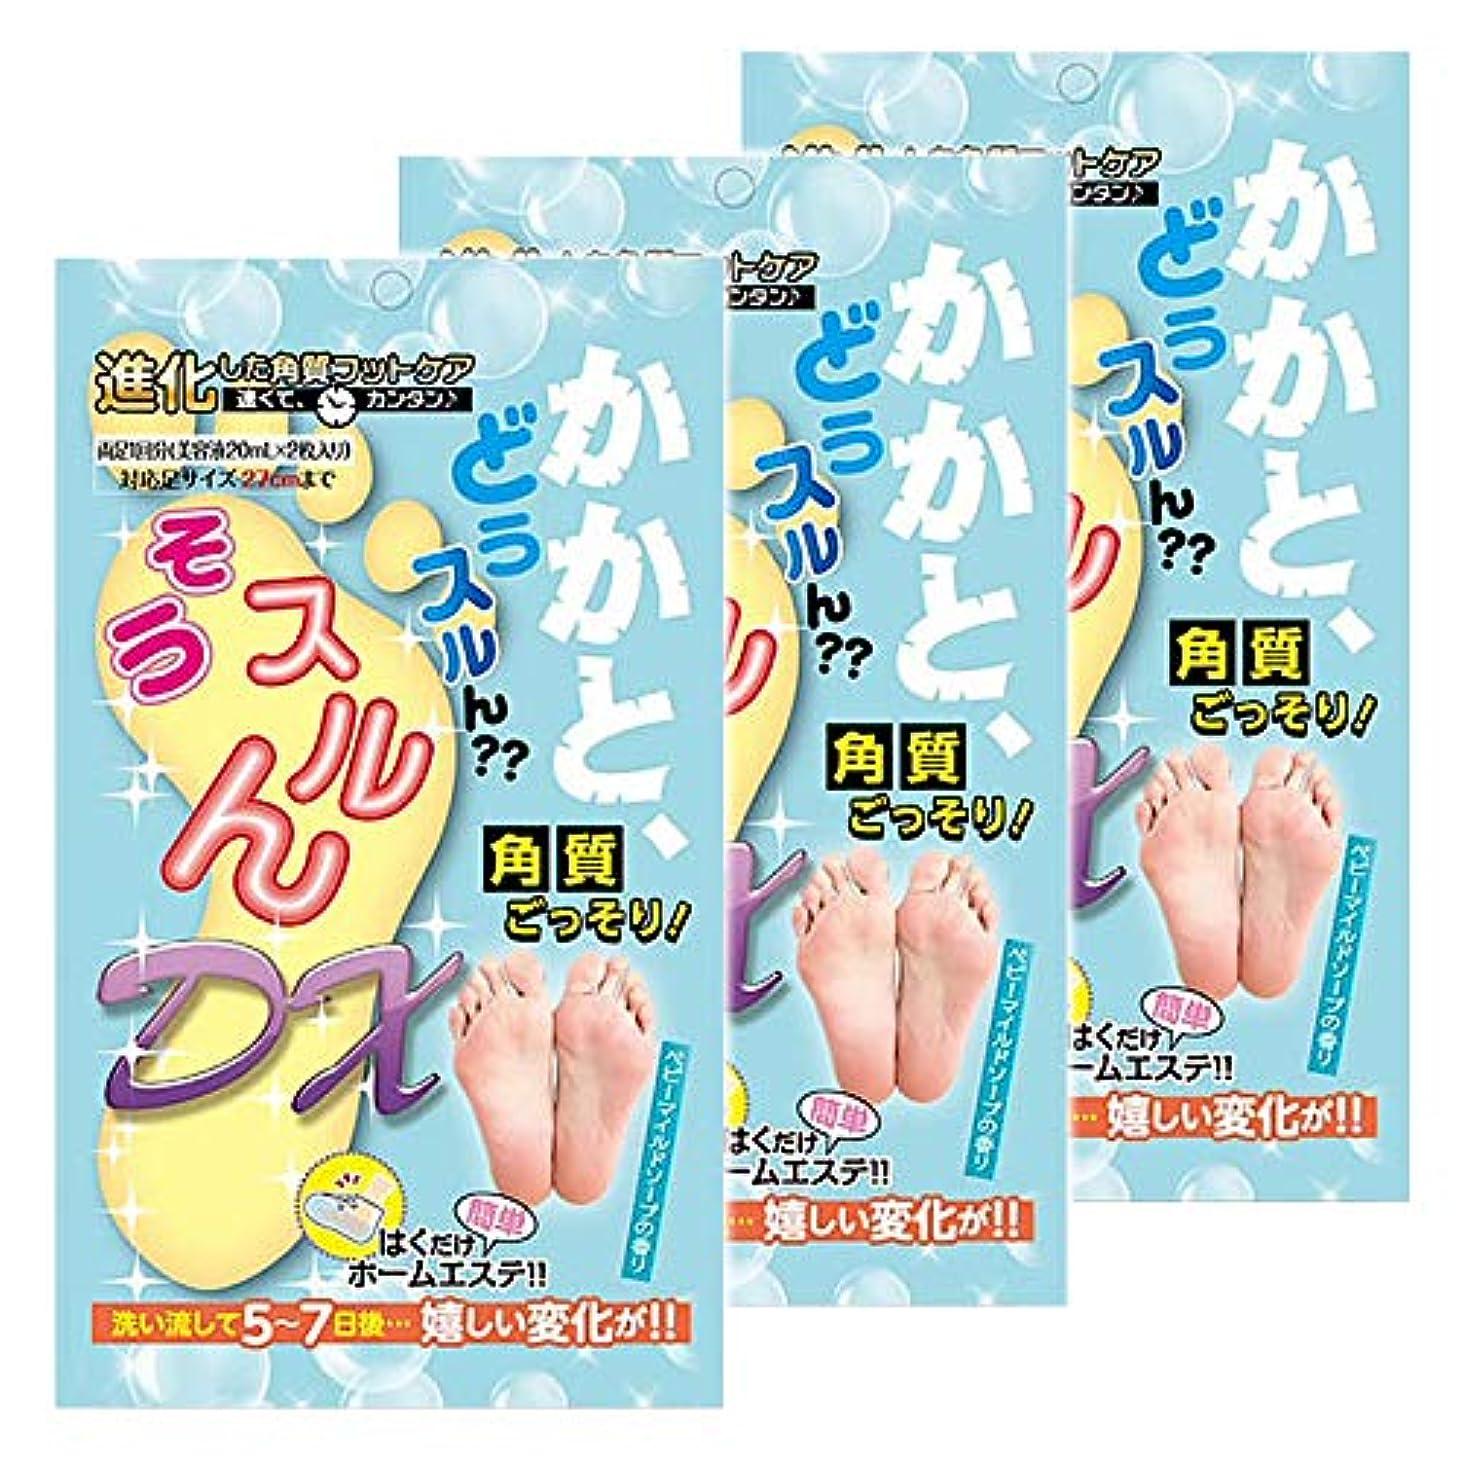 交換タック香港かかとどうするんそうするんDX べビーマイルドソープの香り (3)